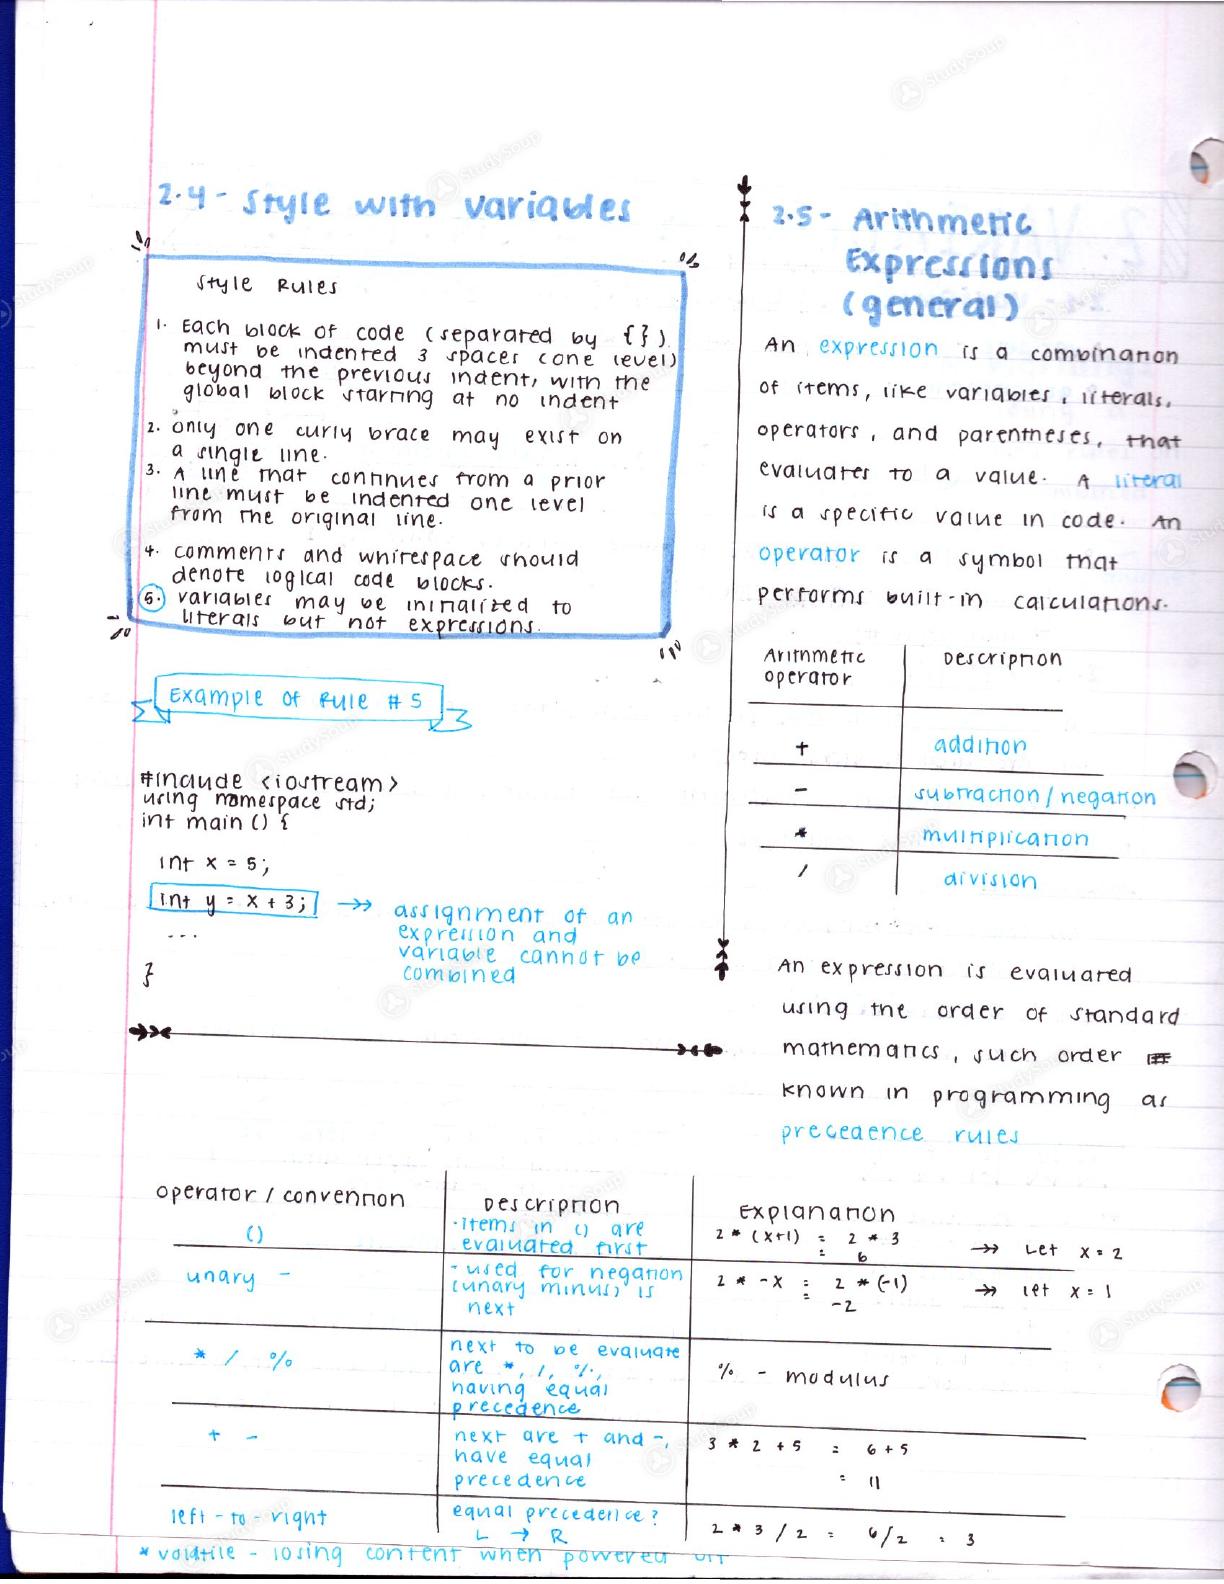 UCR - CS 010 - Class Notes - Week 2 | StudySoup